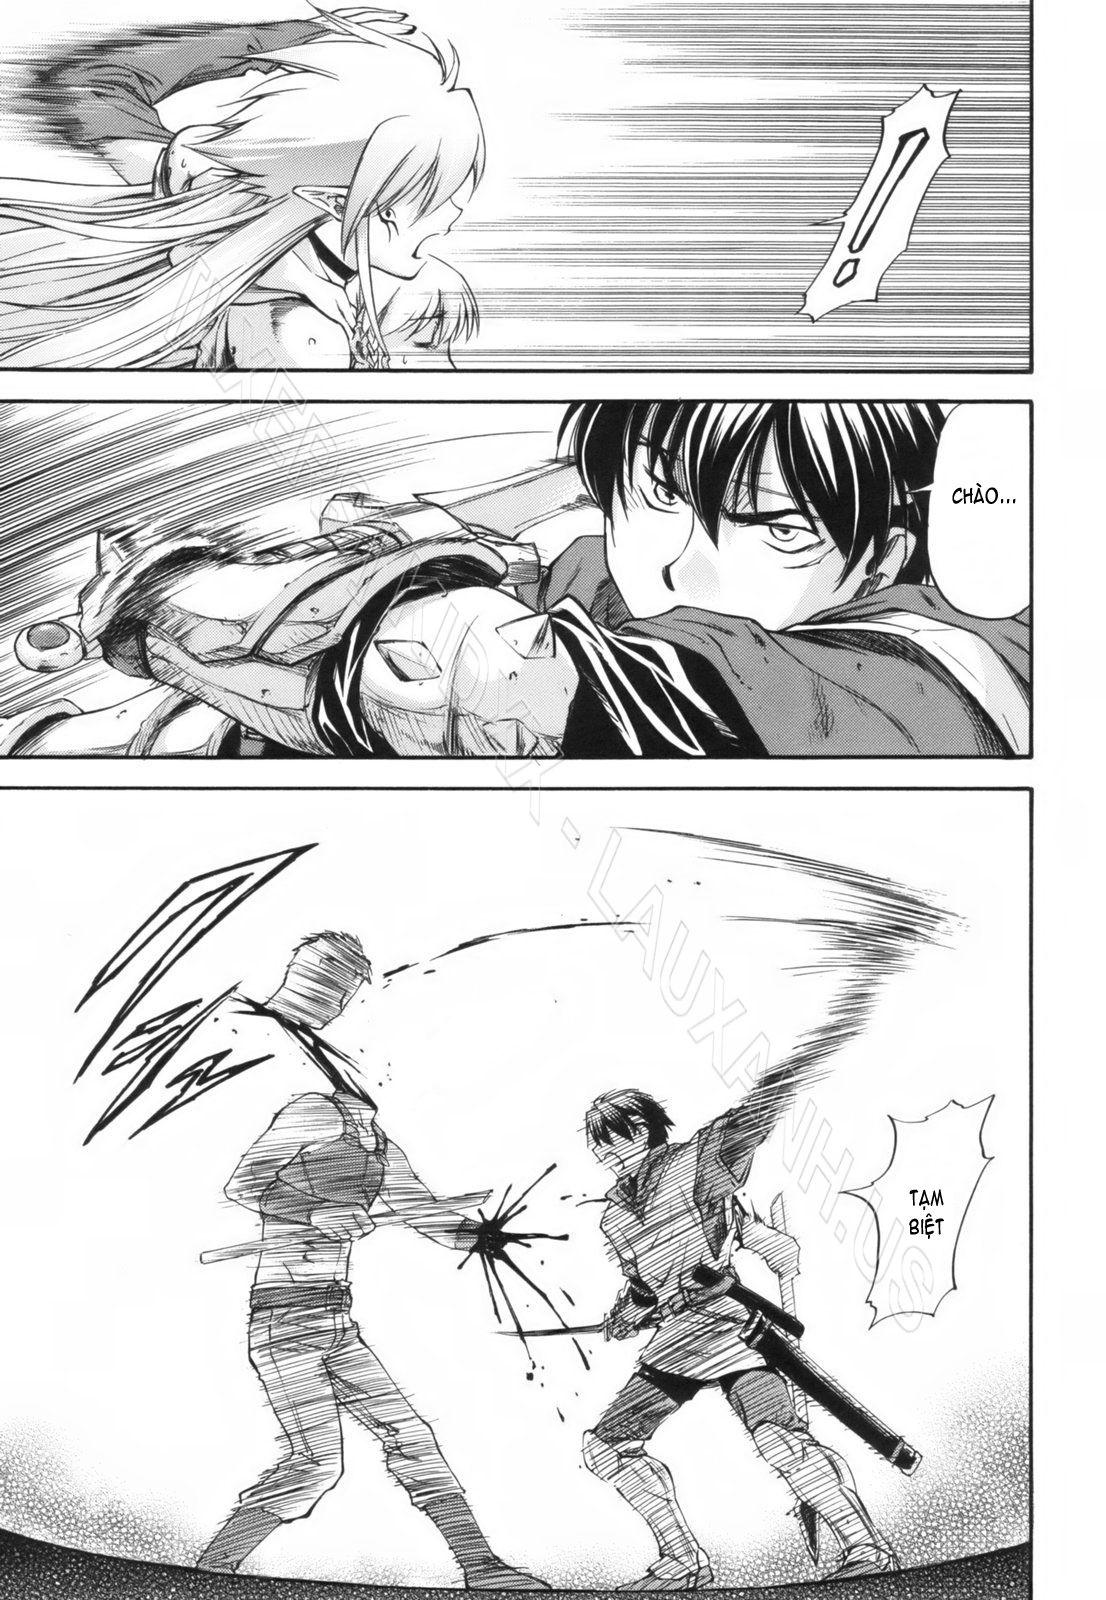 Hình ảnh Hinh_028 in Truyện tranh hentai không che: Parabellum